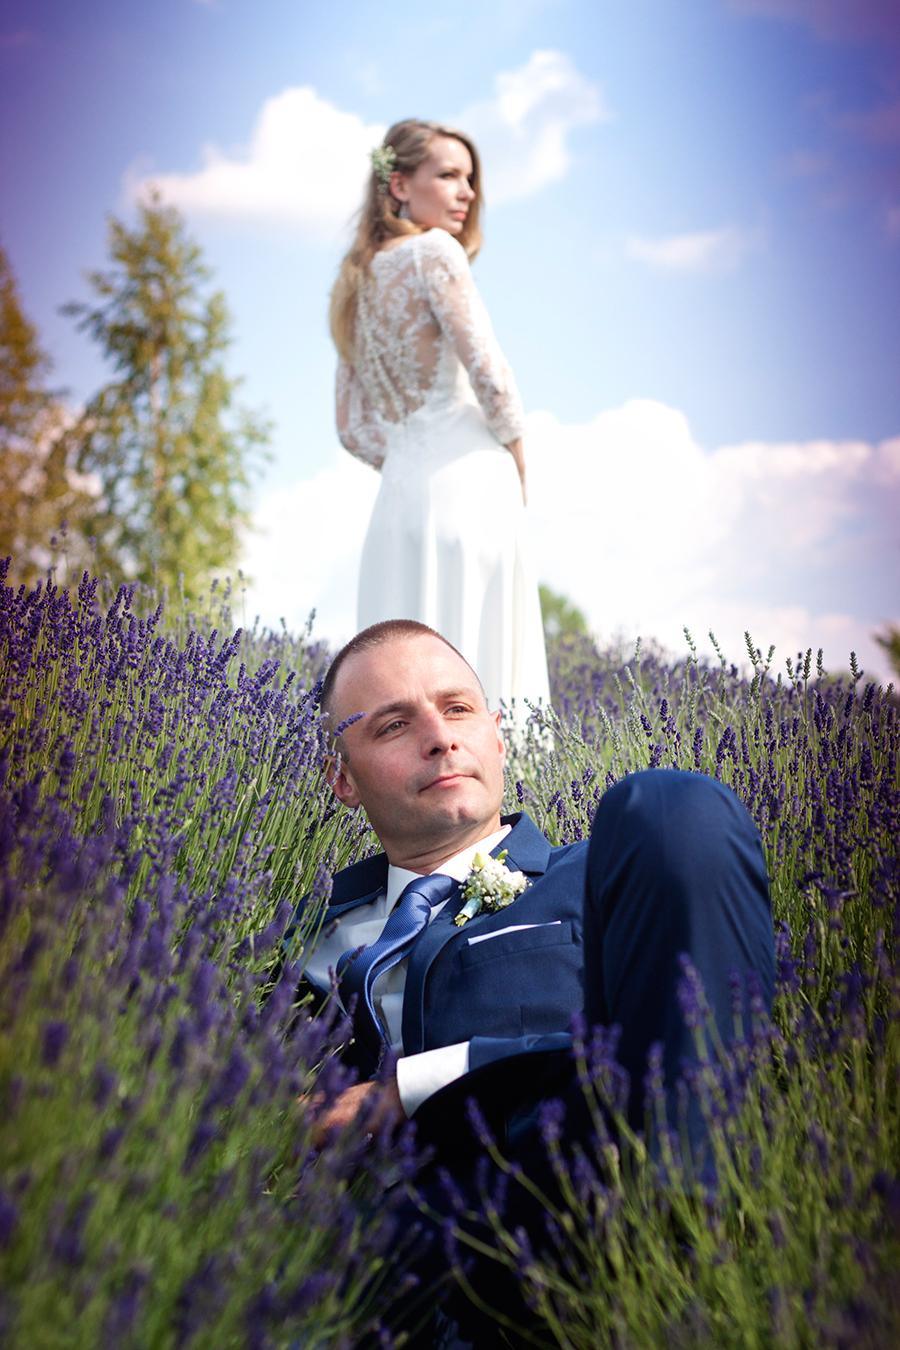 Miejsce sesji, to ogród, który tonie w odcieniach fioletu i zapachu lawendy. Jest to wymarzone miejsce na zdjęcia ślubne.